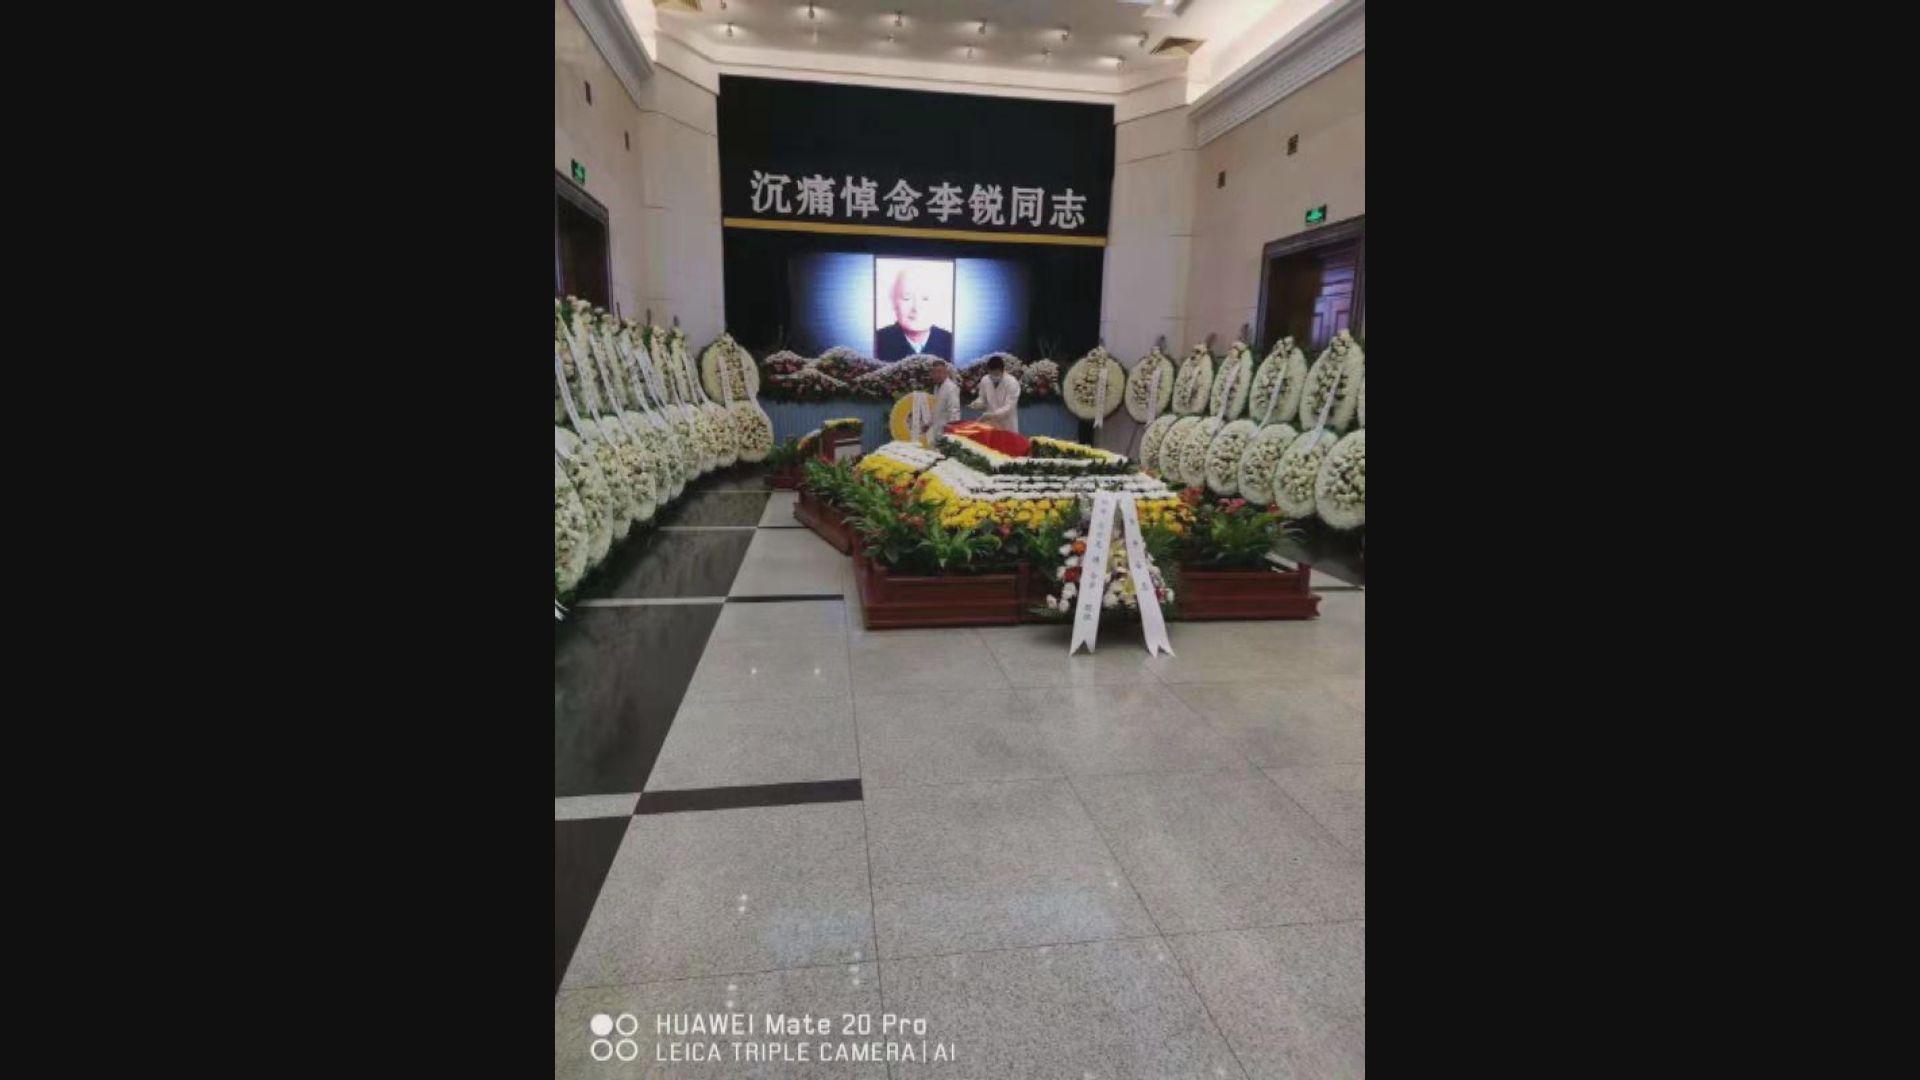 李銳告別儀式八寶山舉行 遺體蓋上黨旗